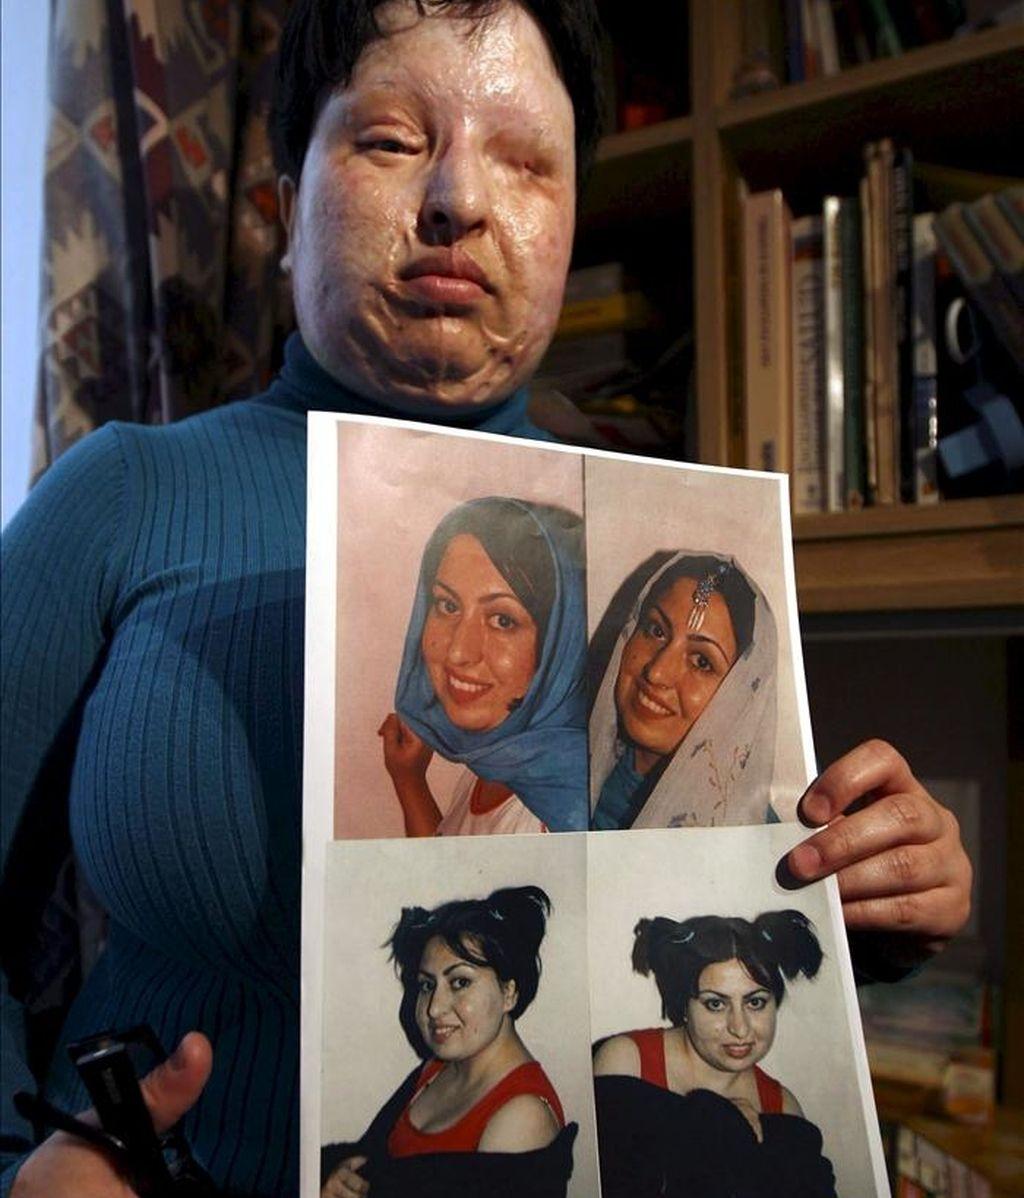 Fotografía de archivo tomada el 4 de marzo de 2009 que muestra a la iraní Ameneh Bahrami mostrando fotografías suyas antes de quedarse ciega en 2004 después de que un compañero de facultad, Majid Movahedi, le quemara el rostro por negarse a casarse con él. Amnistía Internacional pidió ayer a Irán desde Londres que se le condone la sentencia que debía llevarse a cabo hoy, sábado, 14 de mayo de 2011. EFE